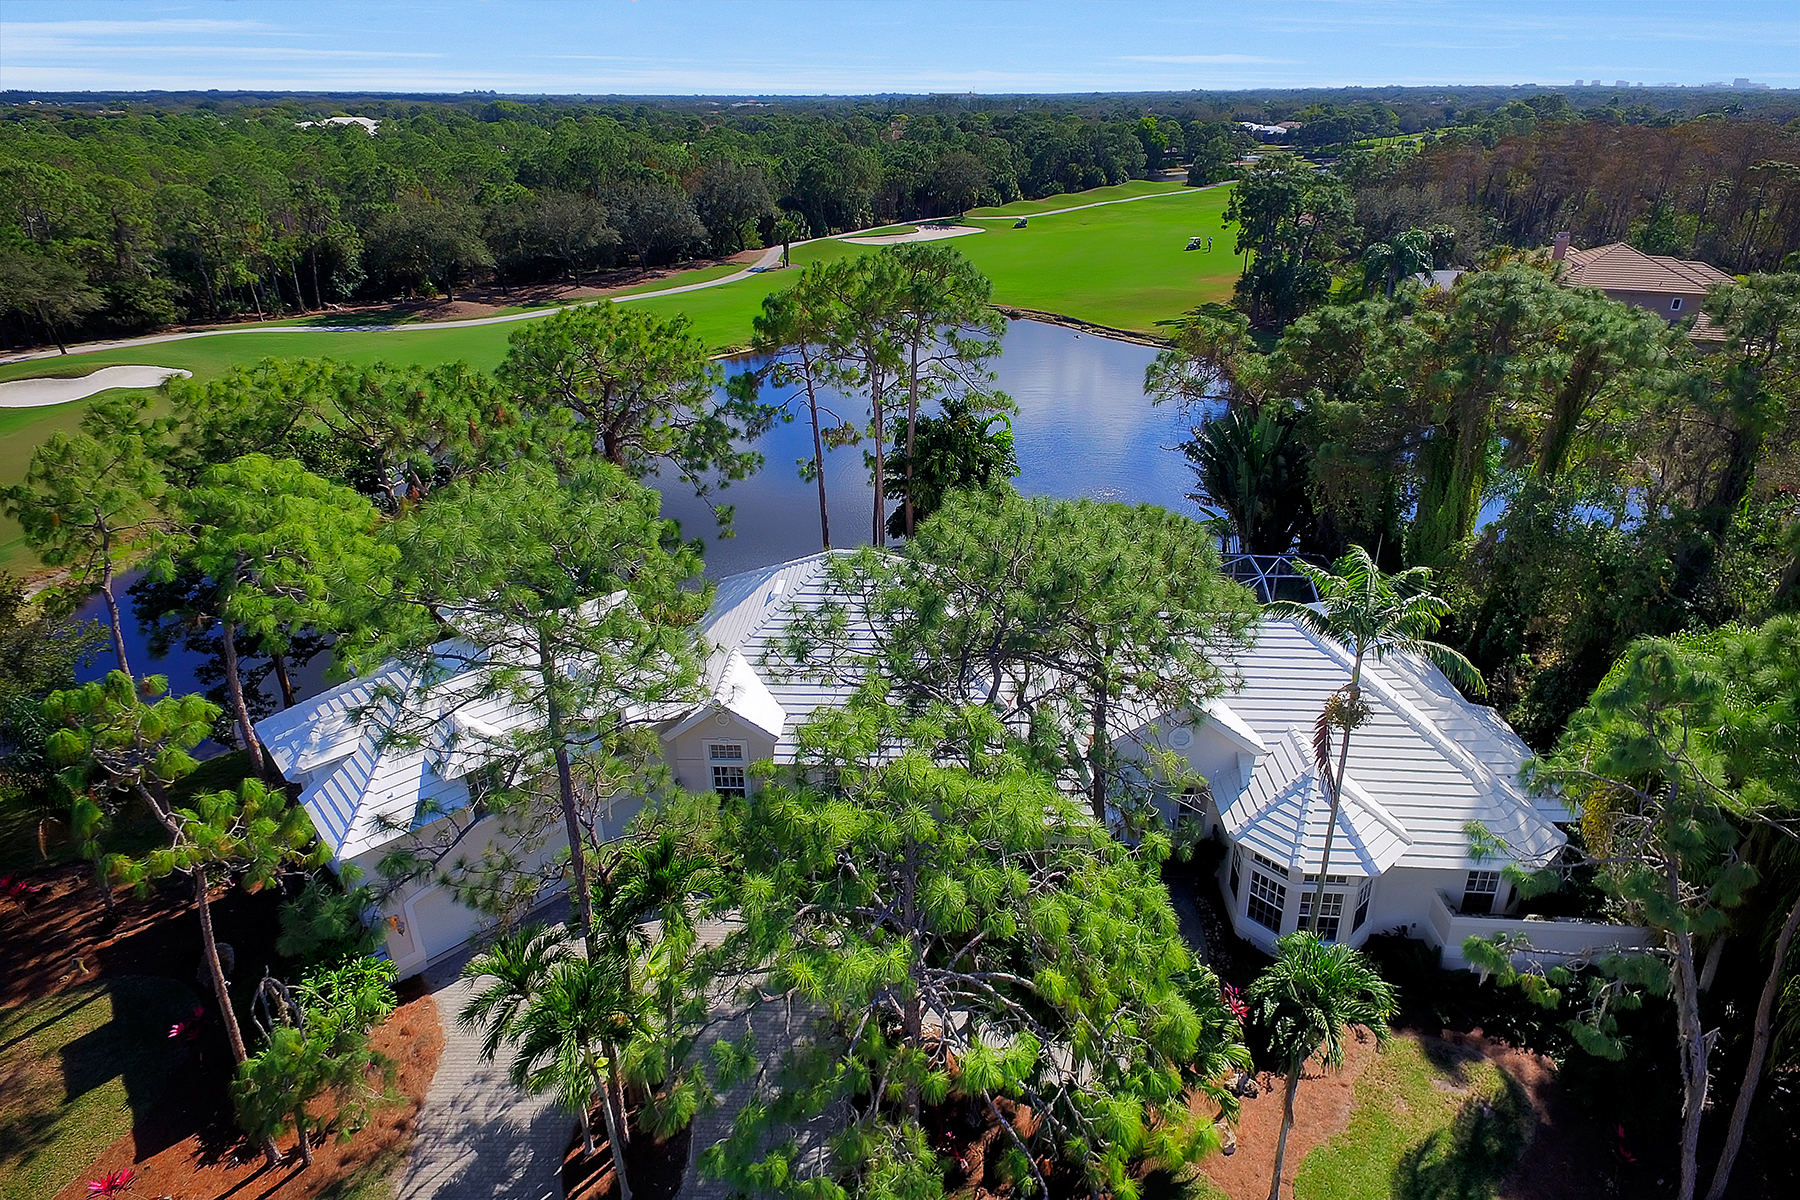 Maison unifamiliale pour l Vente à PELICAN LANDING - PENNYROYAL 24931 Pennyroyal Dr Bonita Springs, Florida, 34134 États-Unis